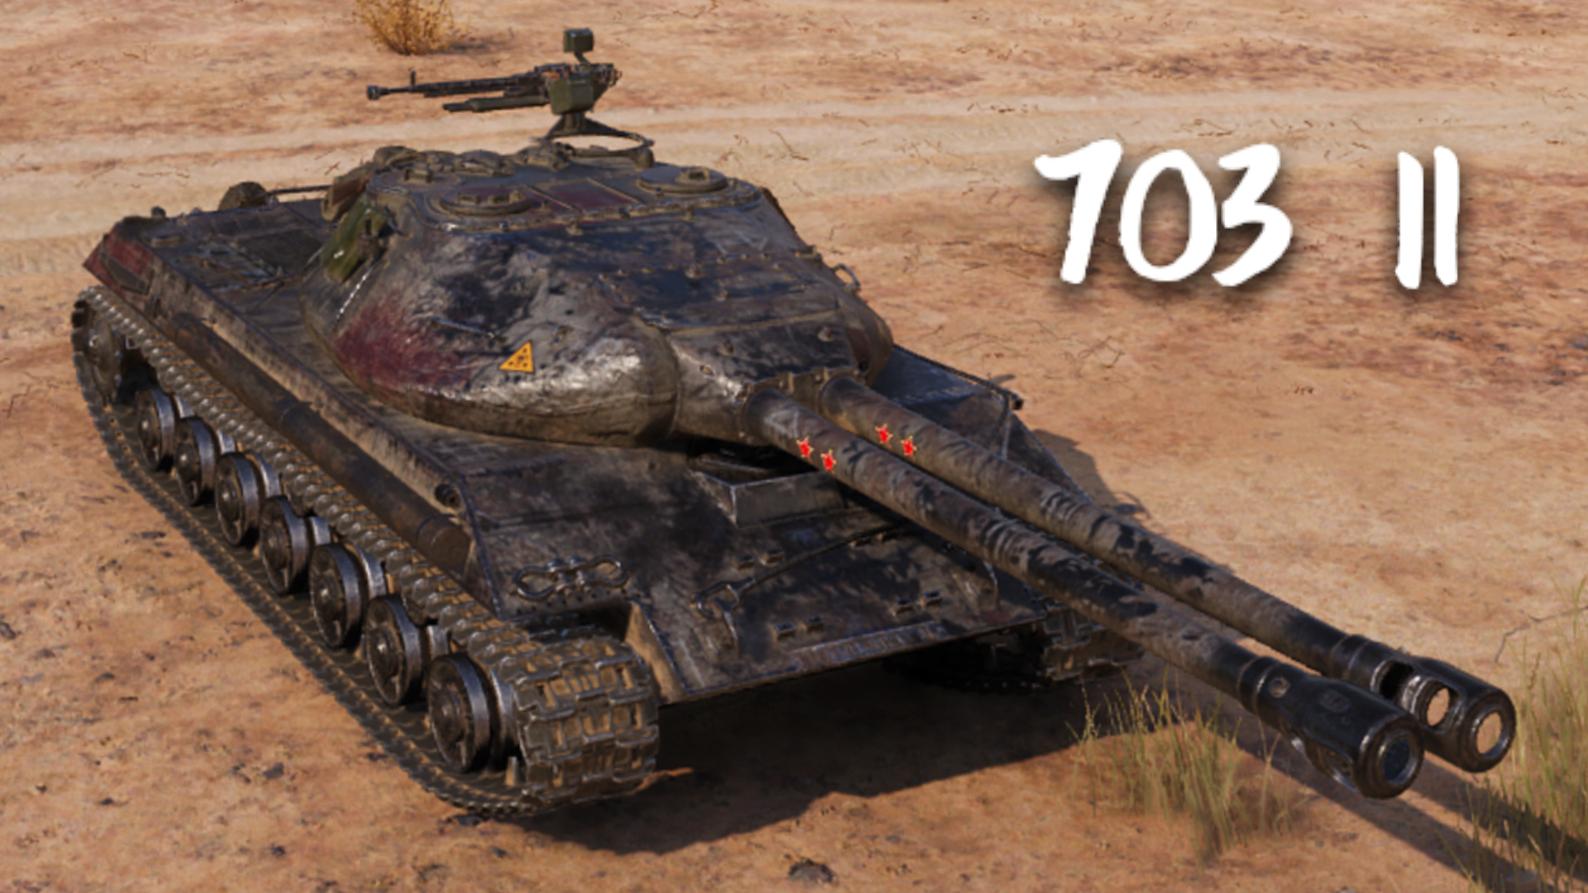 【坦克世界】703 Ⅱ:5杀 - 8千输出,双管齐下(埃里-哈罗夫)